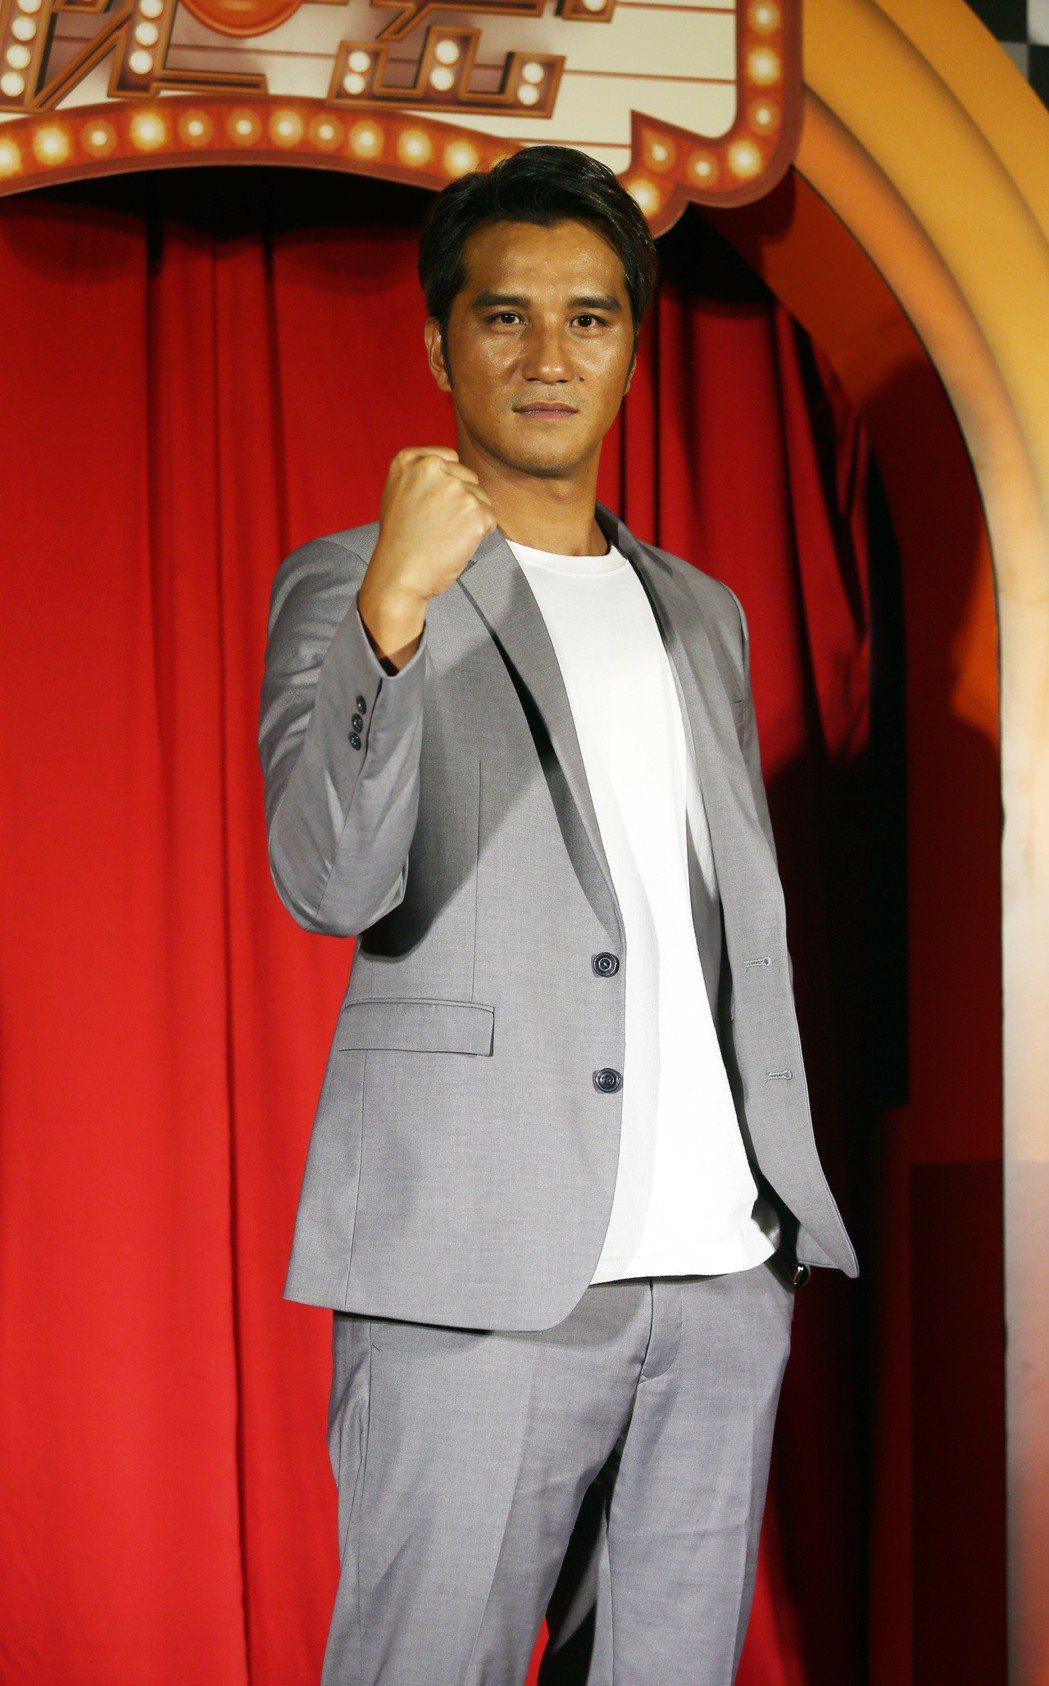 《市長夫人的秘密》電影首映會,演員馬志翔出席。記者曾吉松/攝影